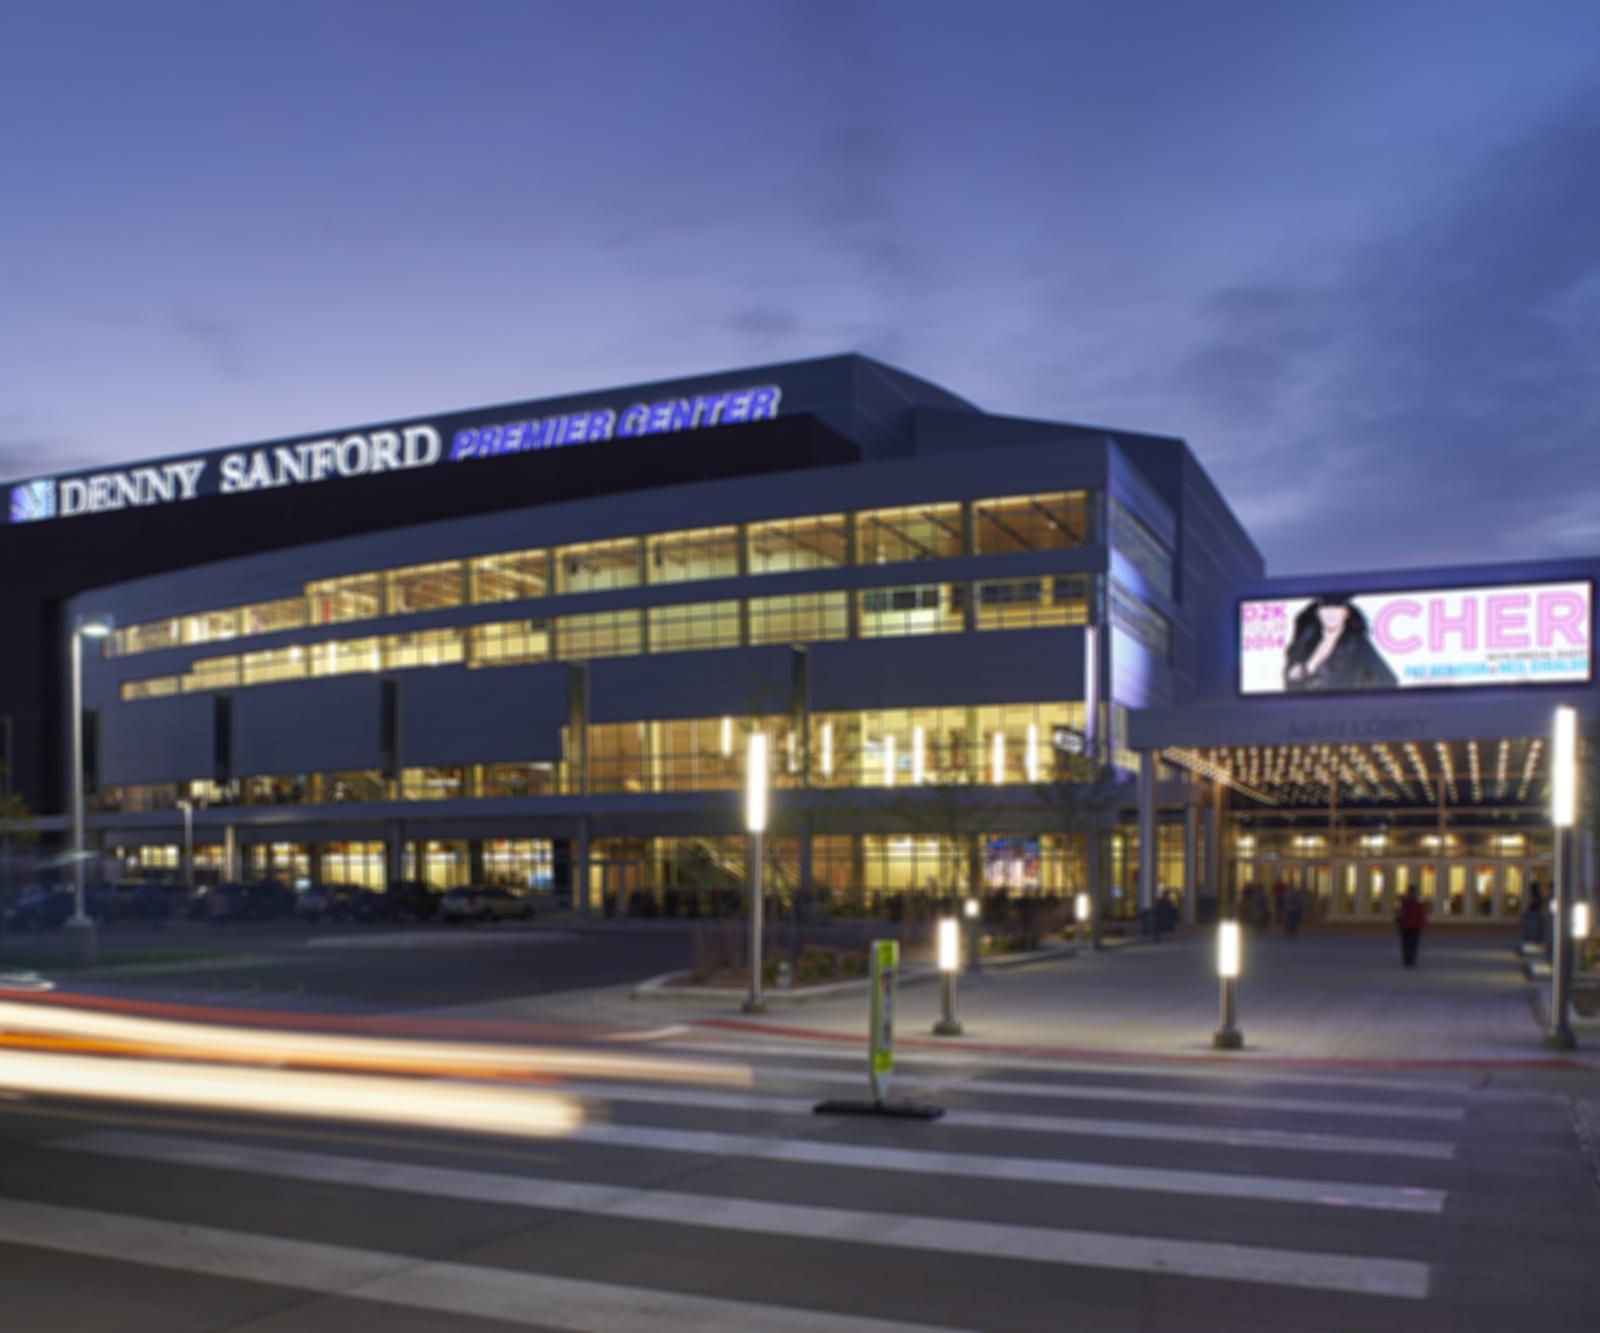 Denny Sanford Premier Center design by Koch Hazard Architects